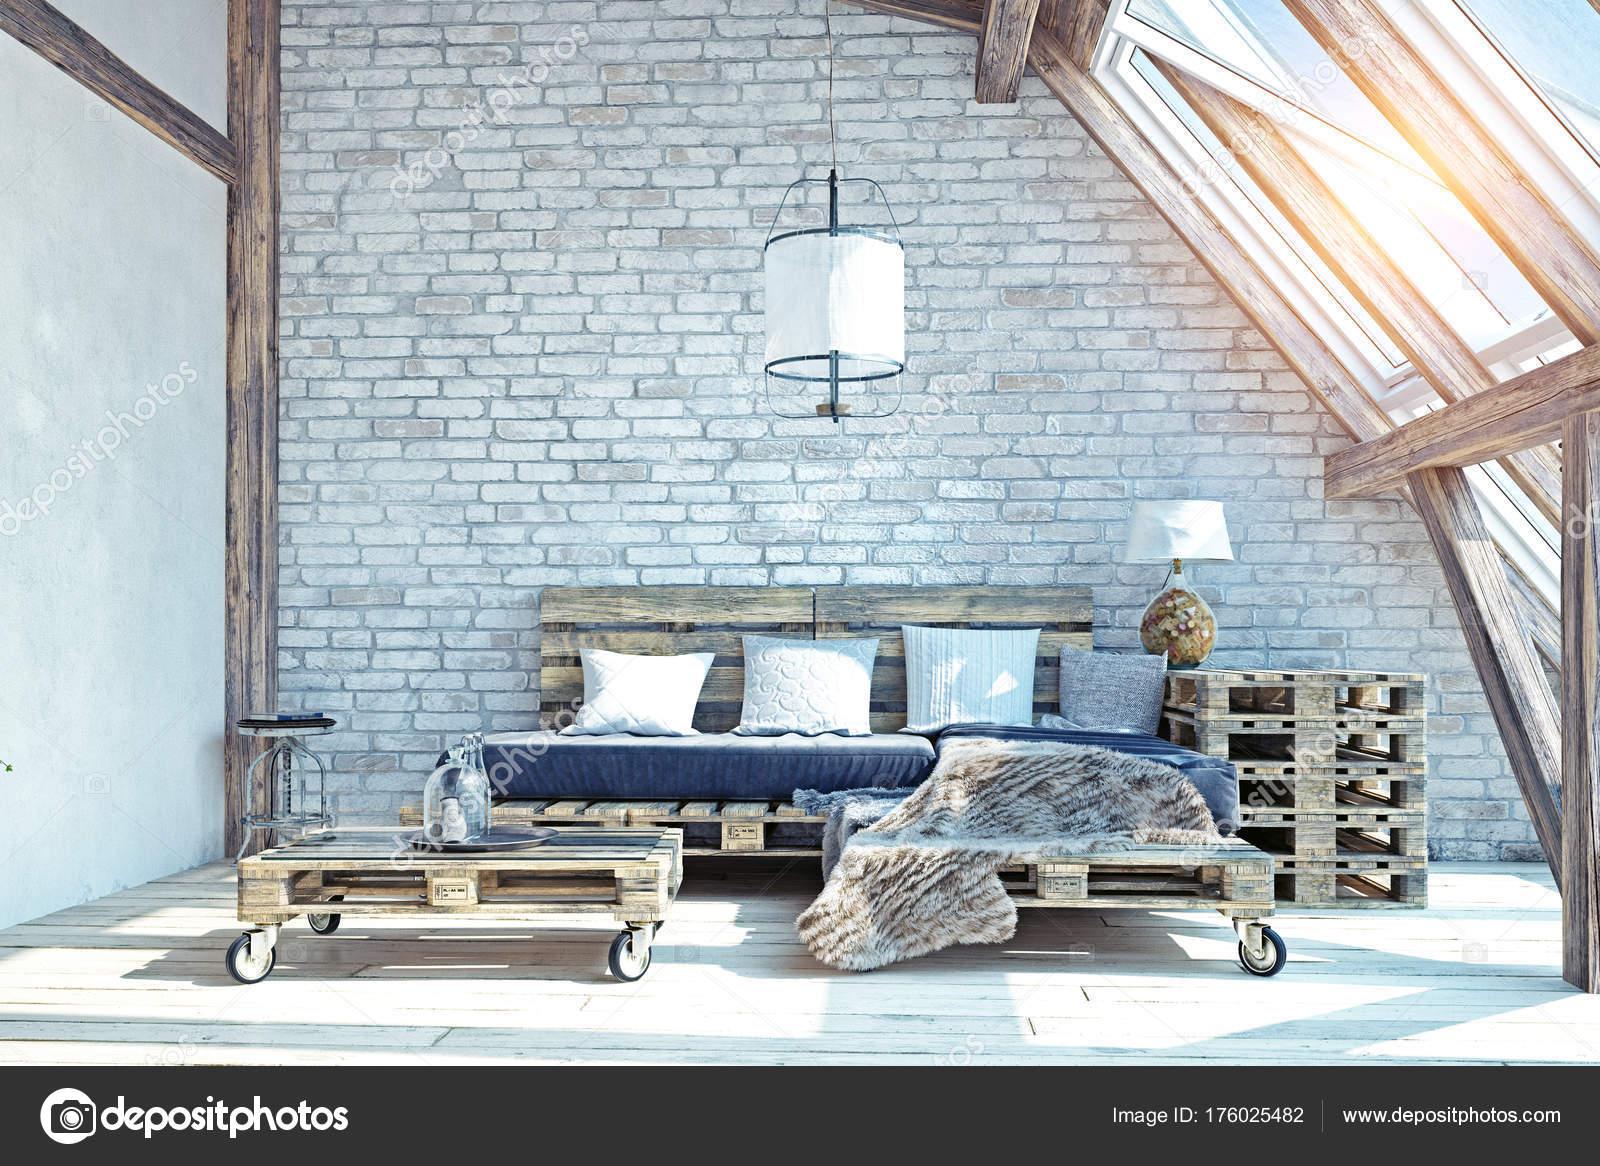 Woonkamer Op Zolder : Zolder woonkamer interieur pallet meubelen afbeelding u2014 stockfoto